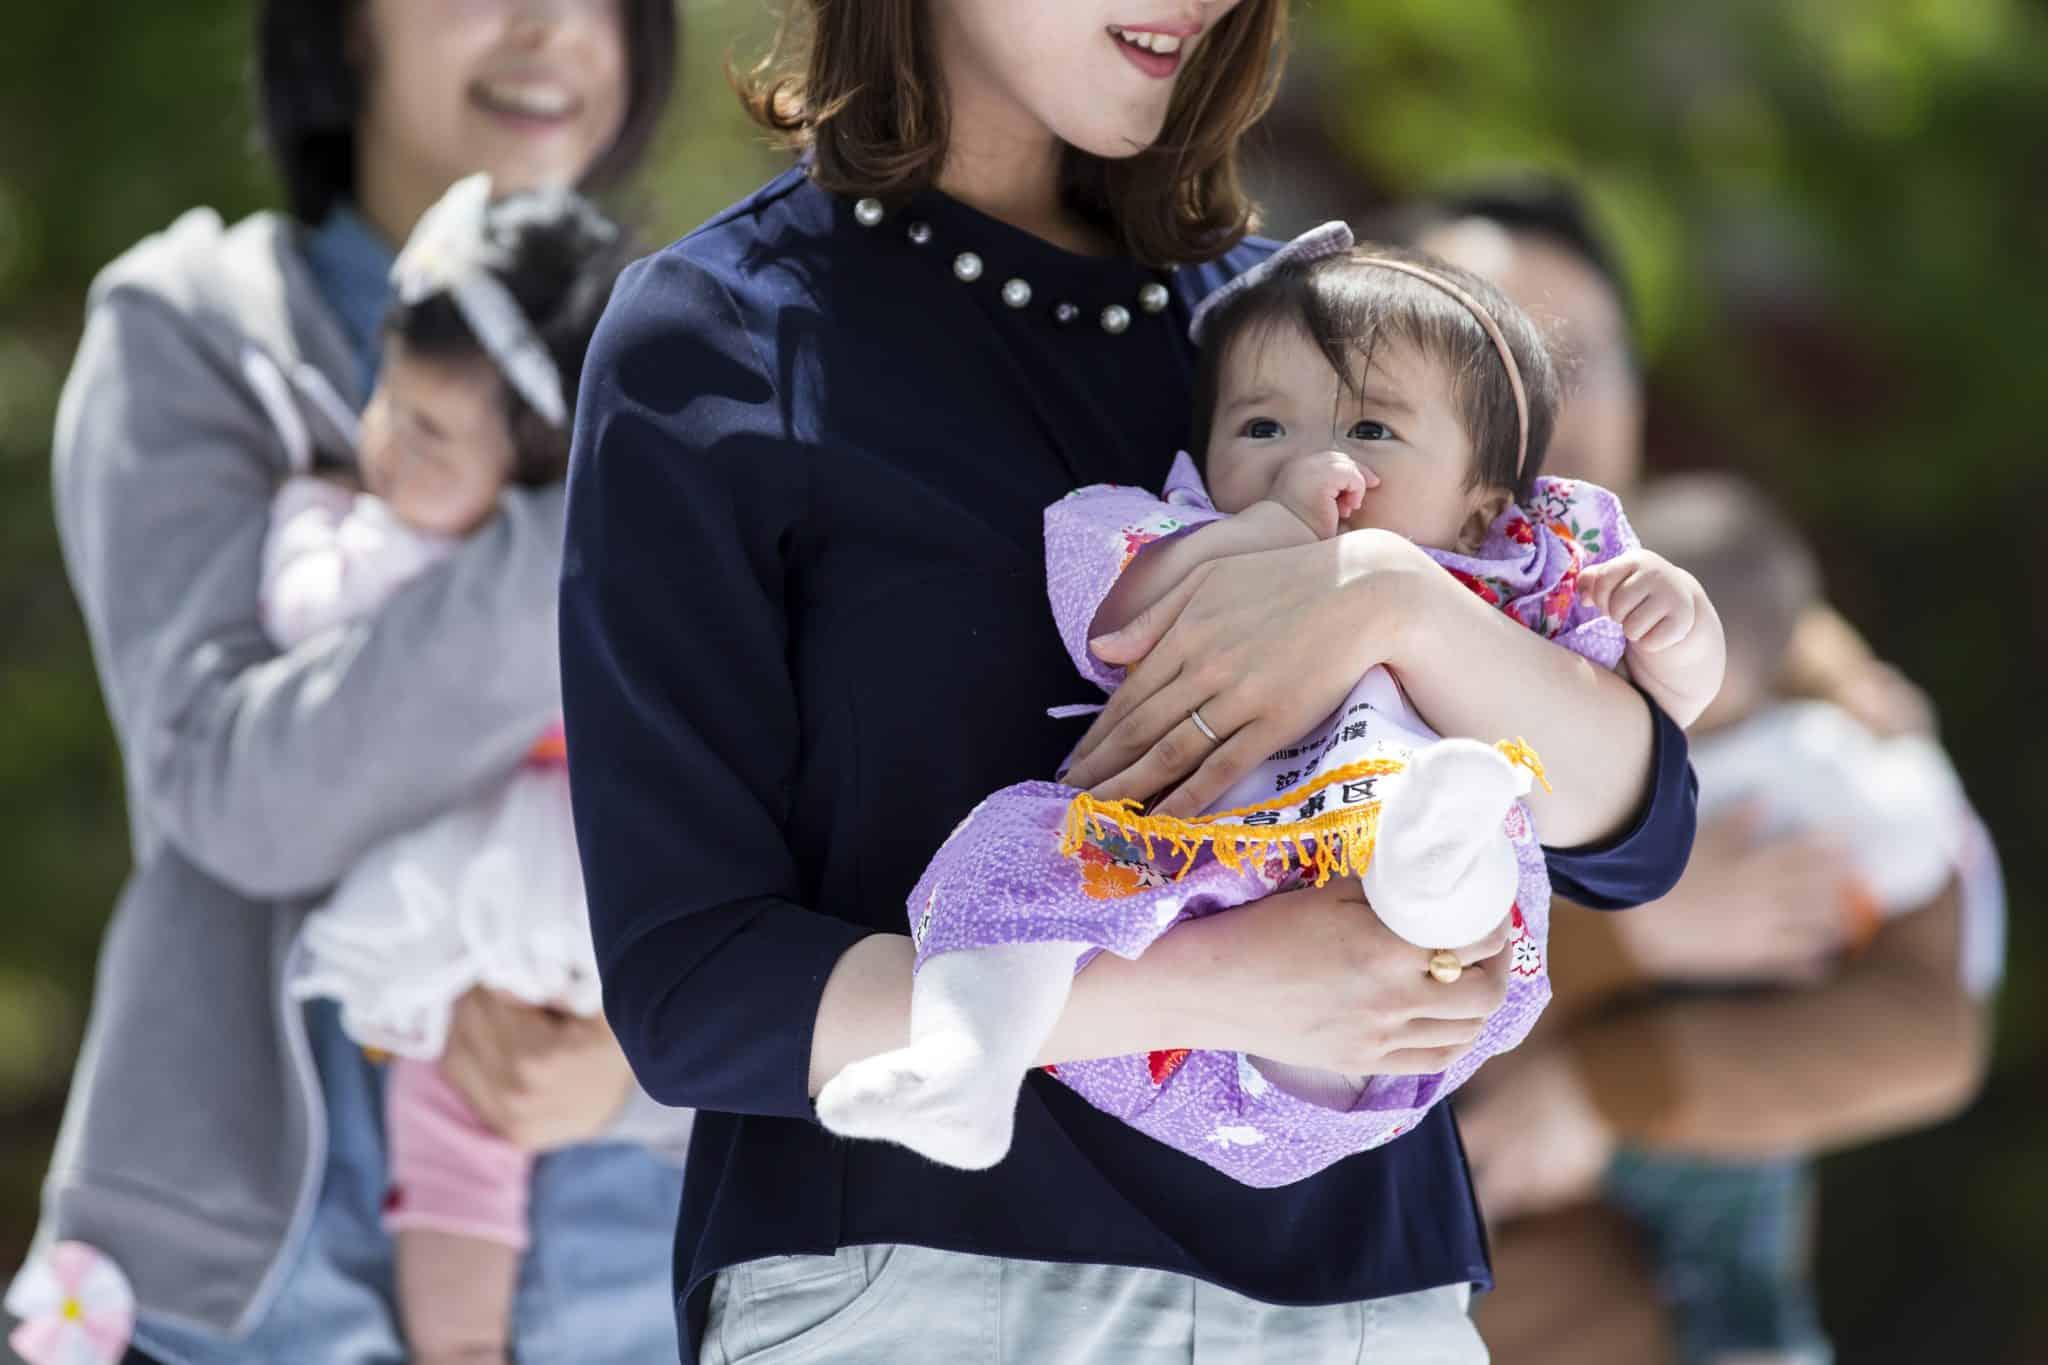 ສ.ເກົາຫລີ ປະຊາກອນຫລຸດລົງ ເພາະມີຄົນຕາຍຫລາຍກວ່າເກີດໃໝ່ - 190708092510 japan mother scaled - ສ.ເກົາຫລີ ປະຊາກອນຫລຸດລົງ ເພາະມີຄົນຕາຍຫລາຍກວ່າເກີດໃໝ່